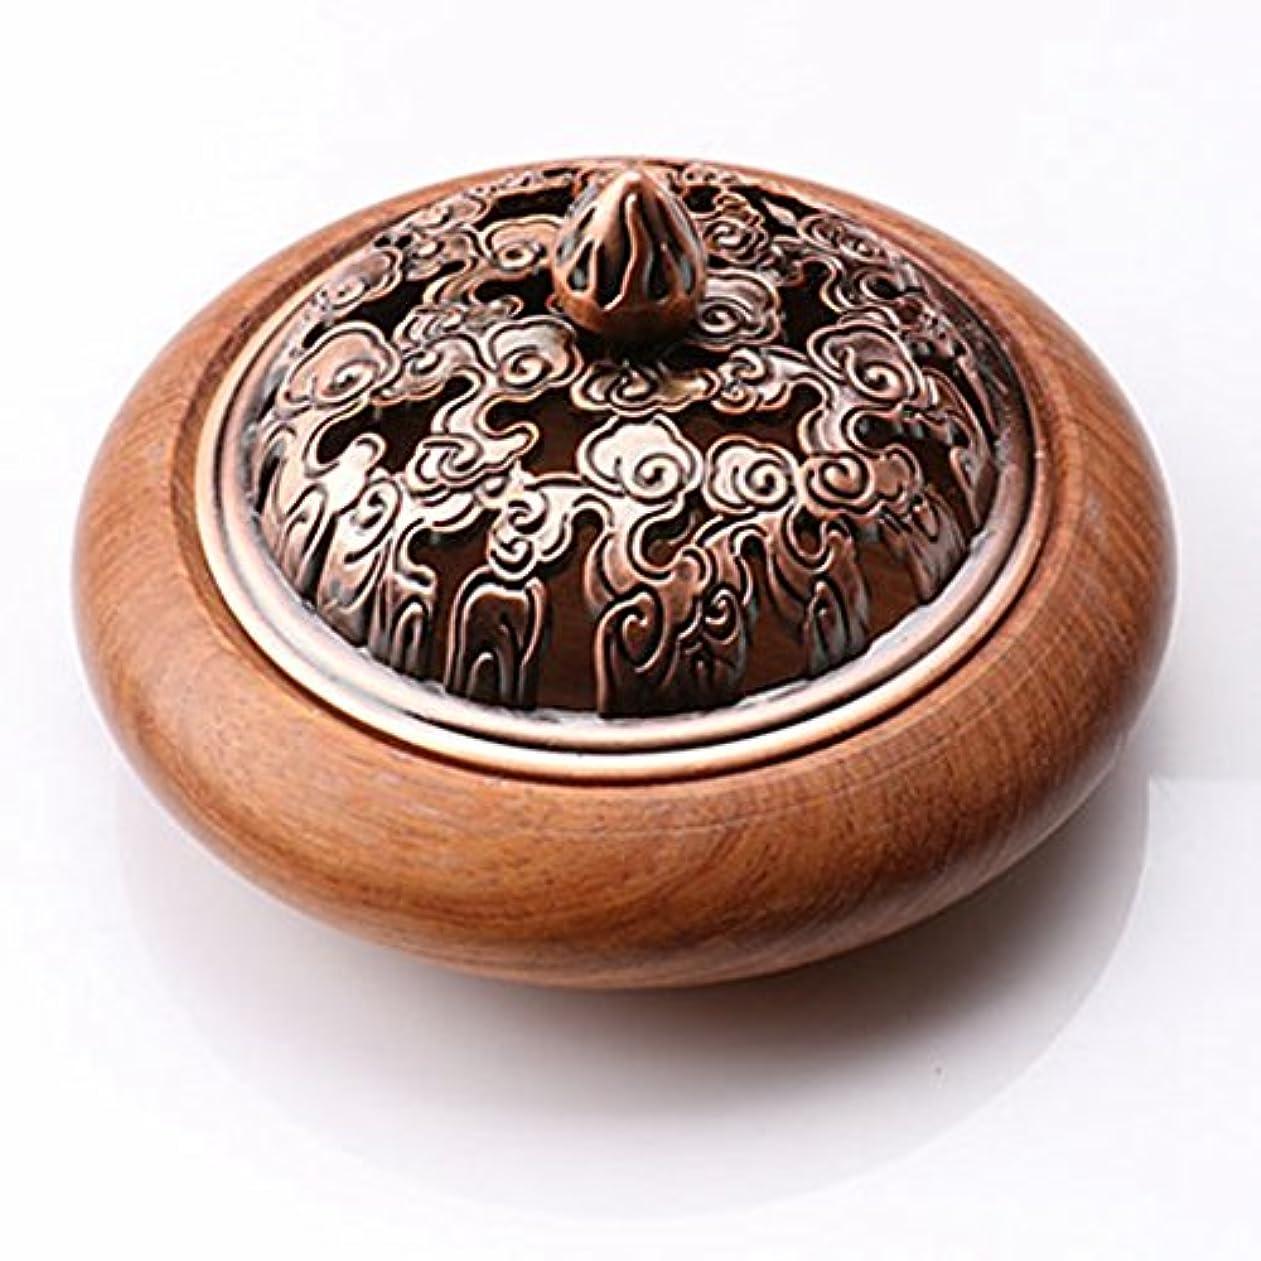 突き出す立証するポーチ(ラシューバー) Lasuiveur 香炉 香立て 渦巻き線香 線香立て お香立て 木製